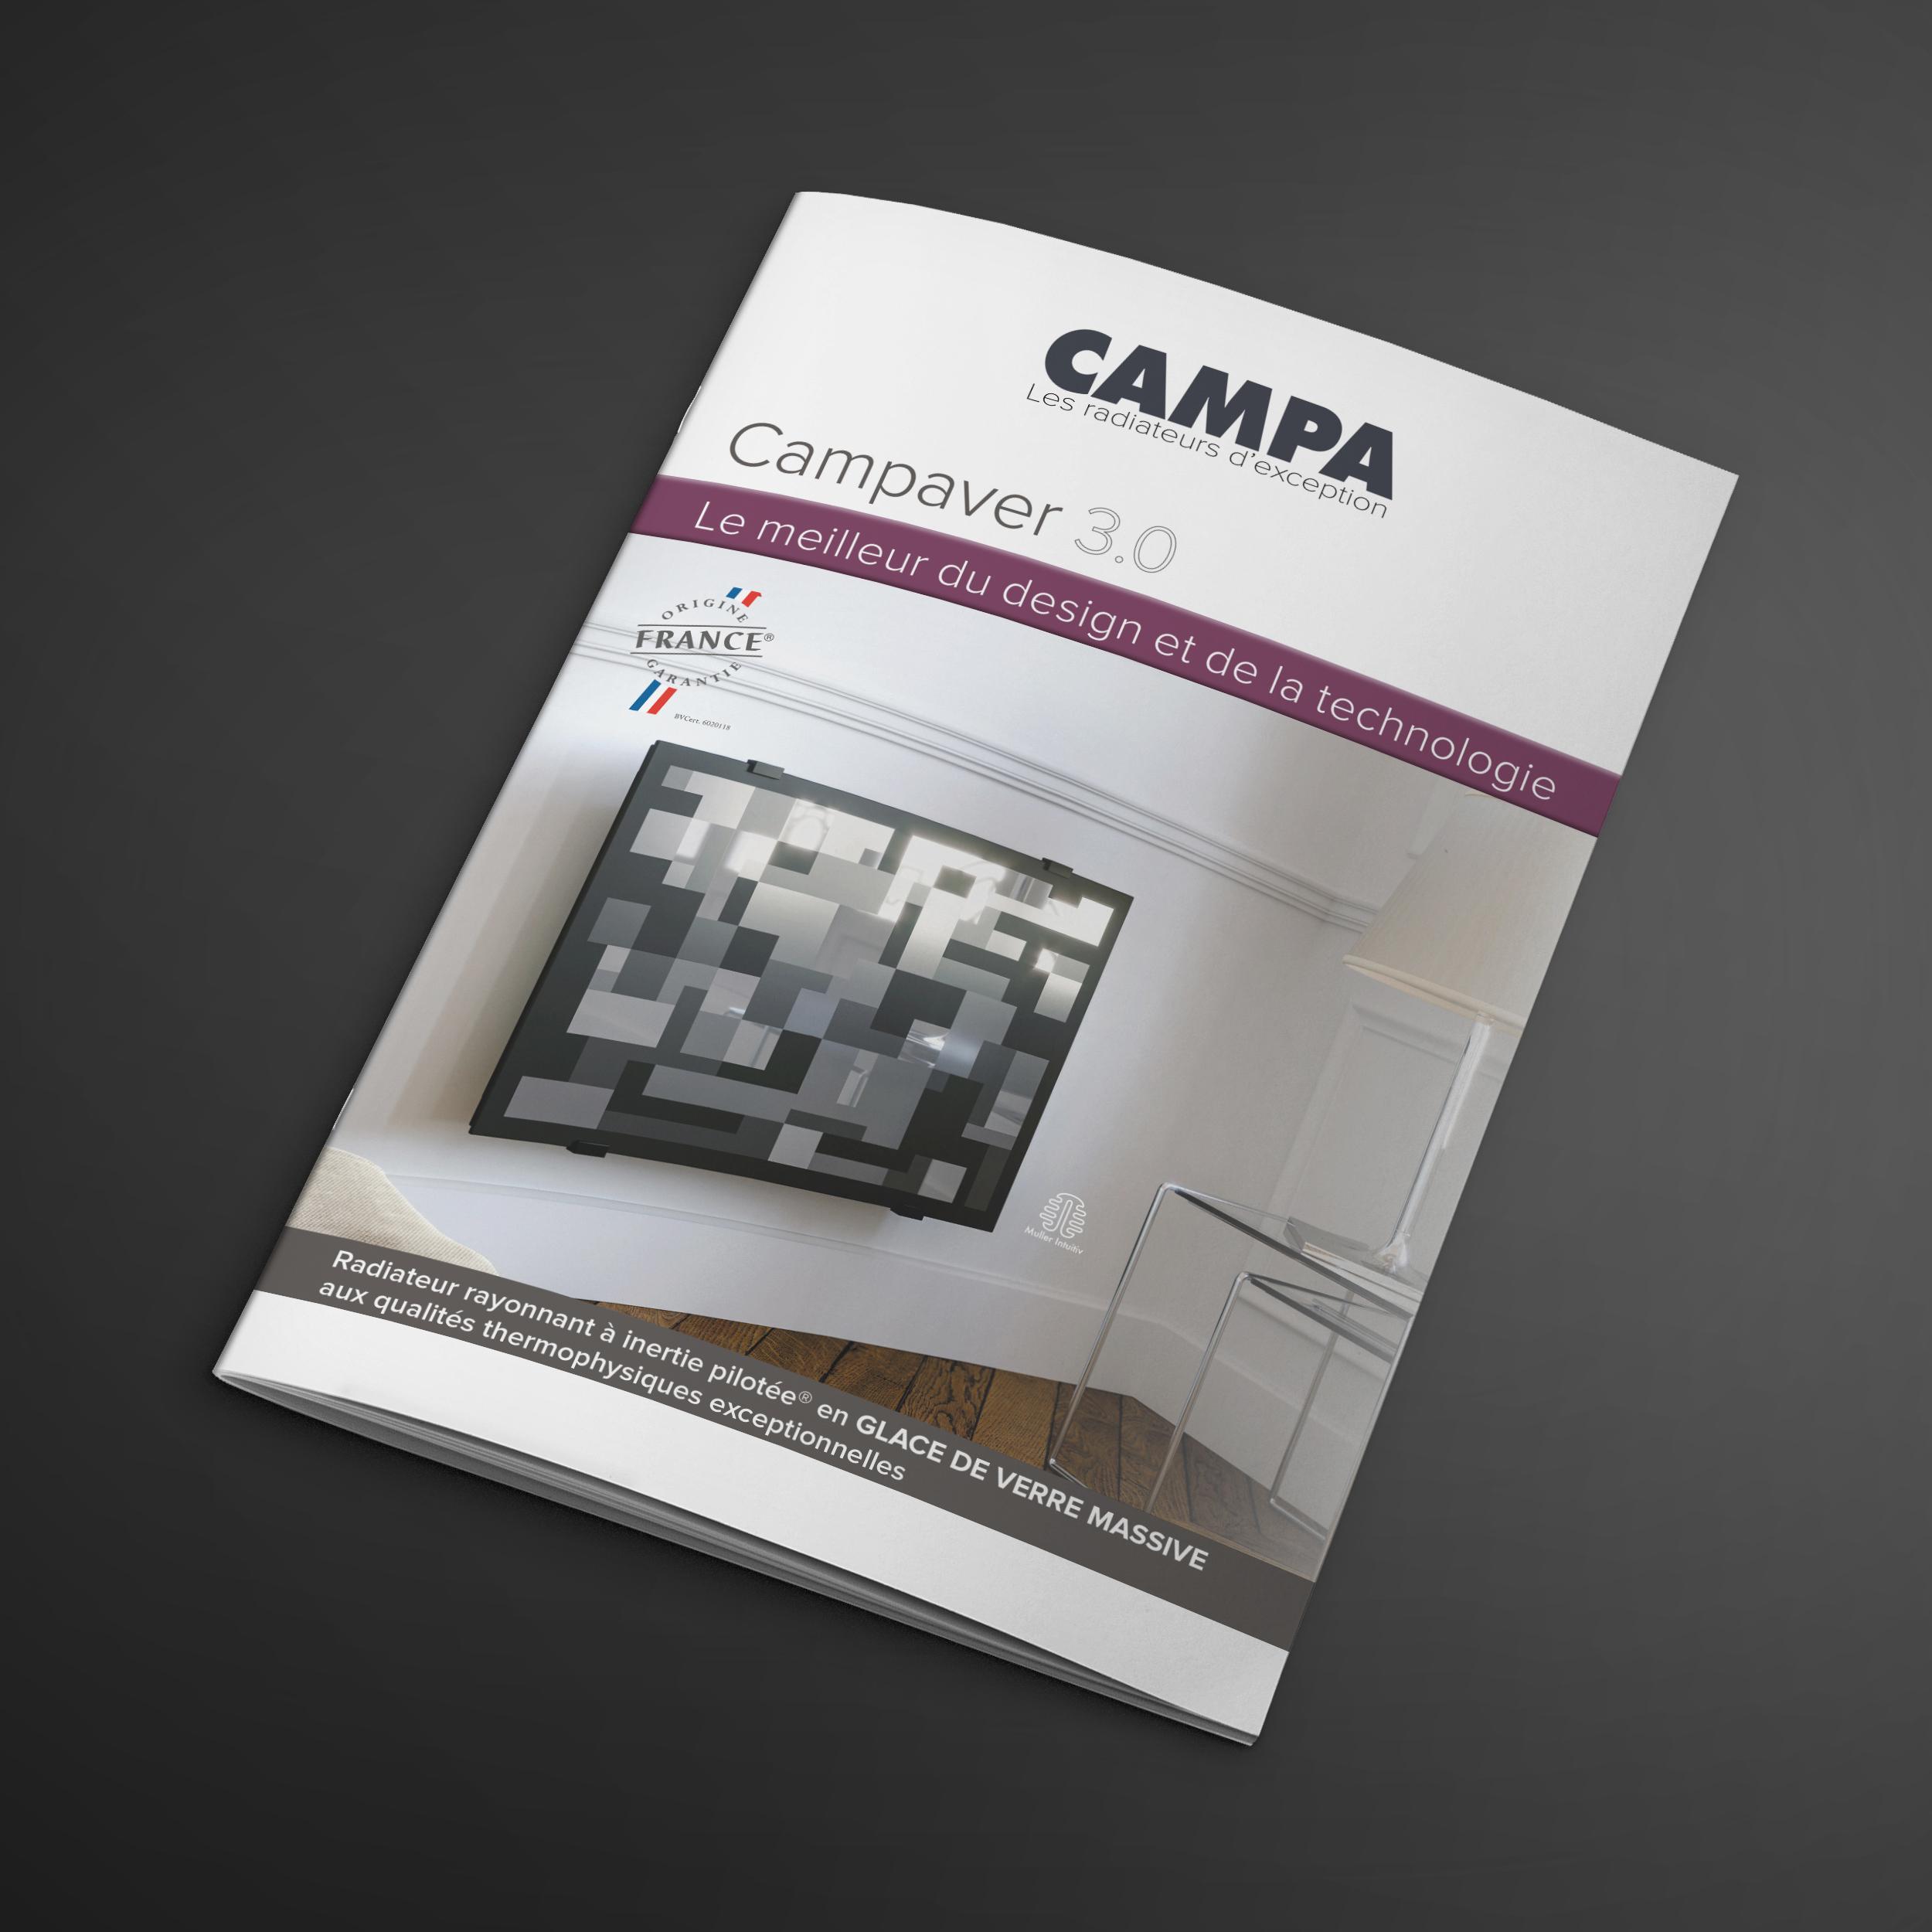 CAMPAVER ULTIME 3.0